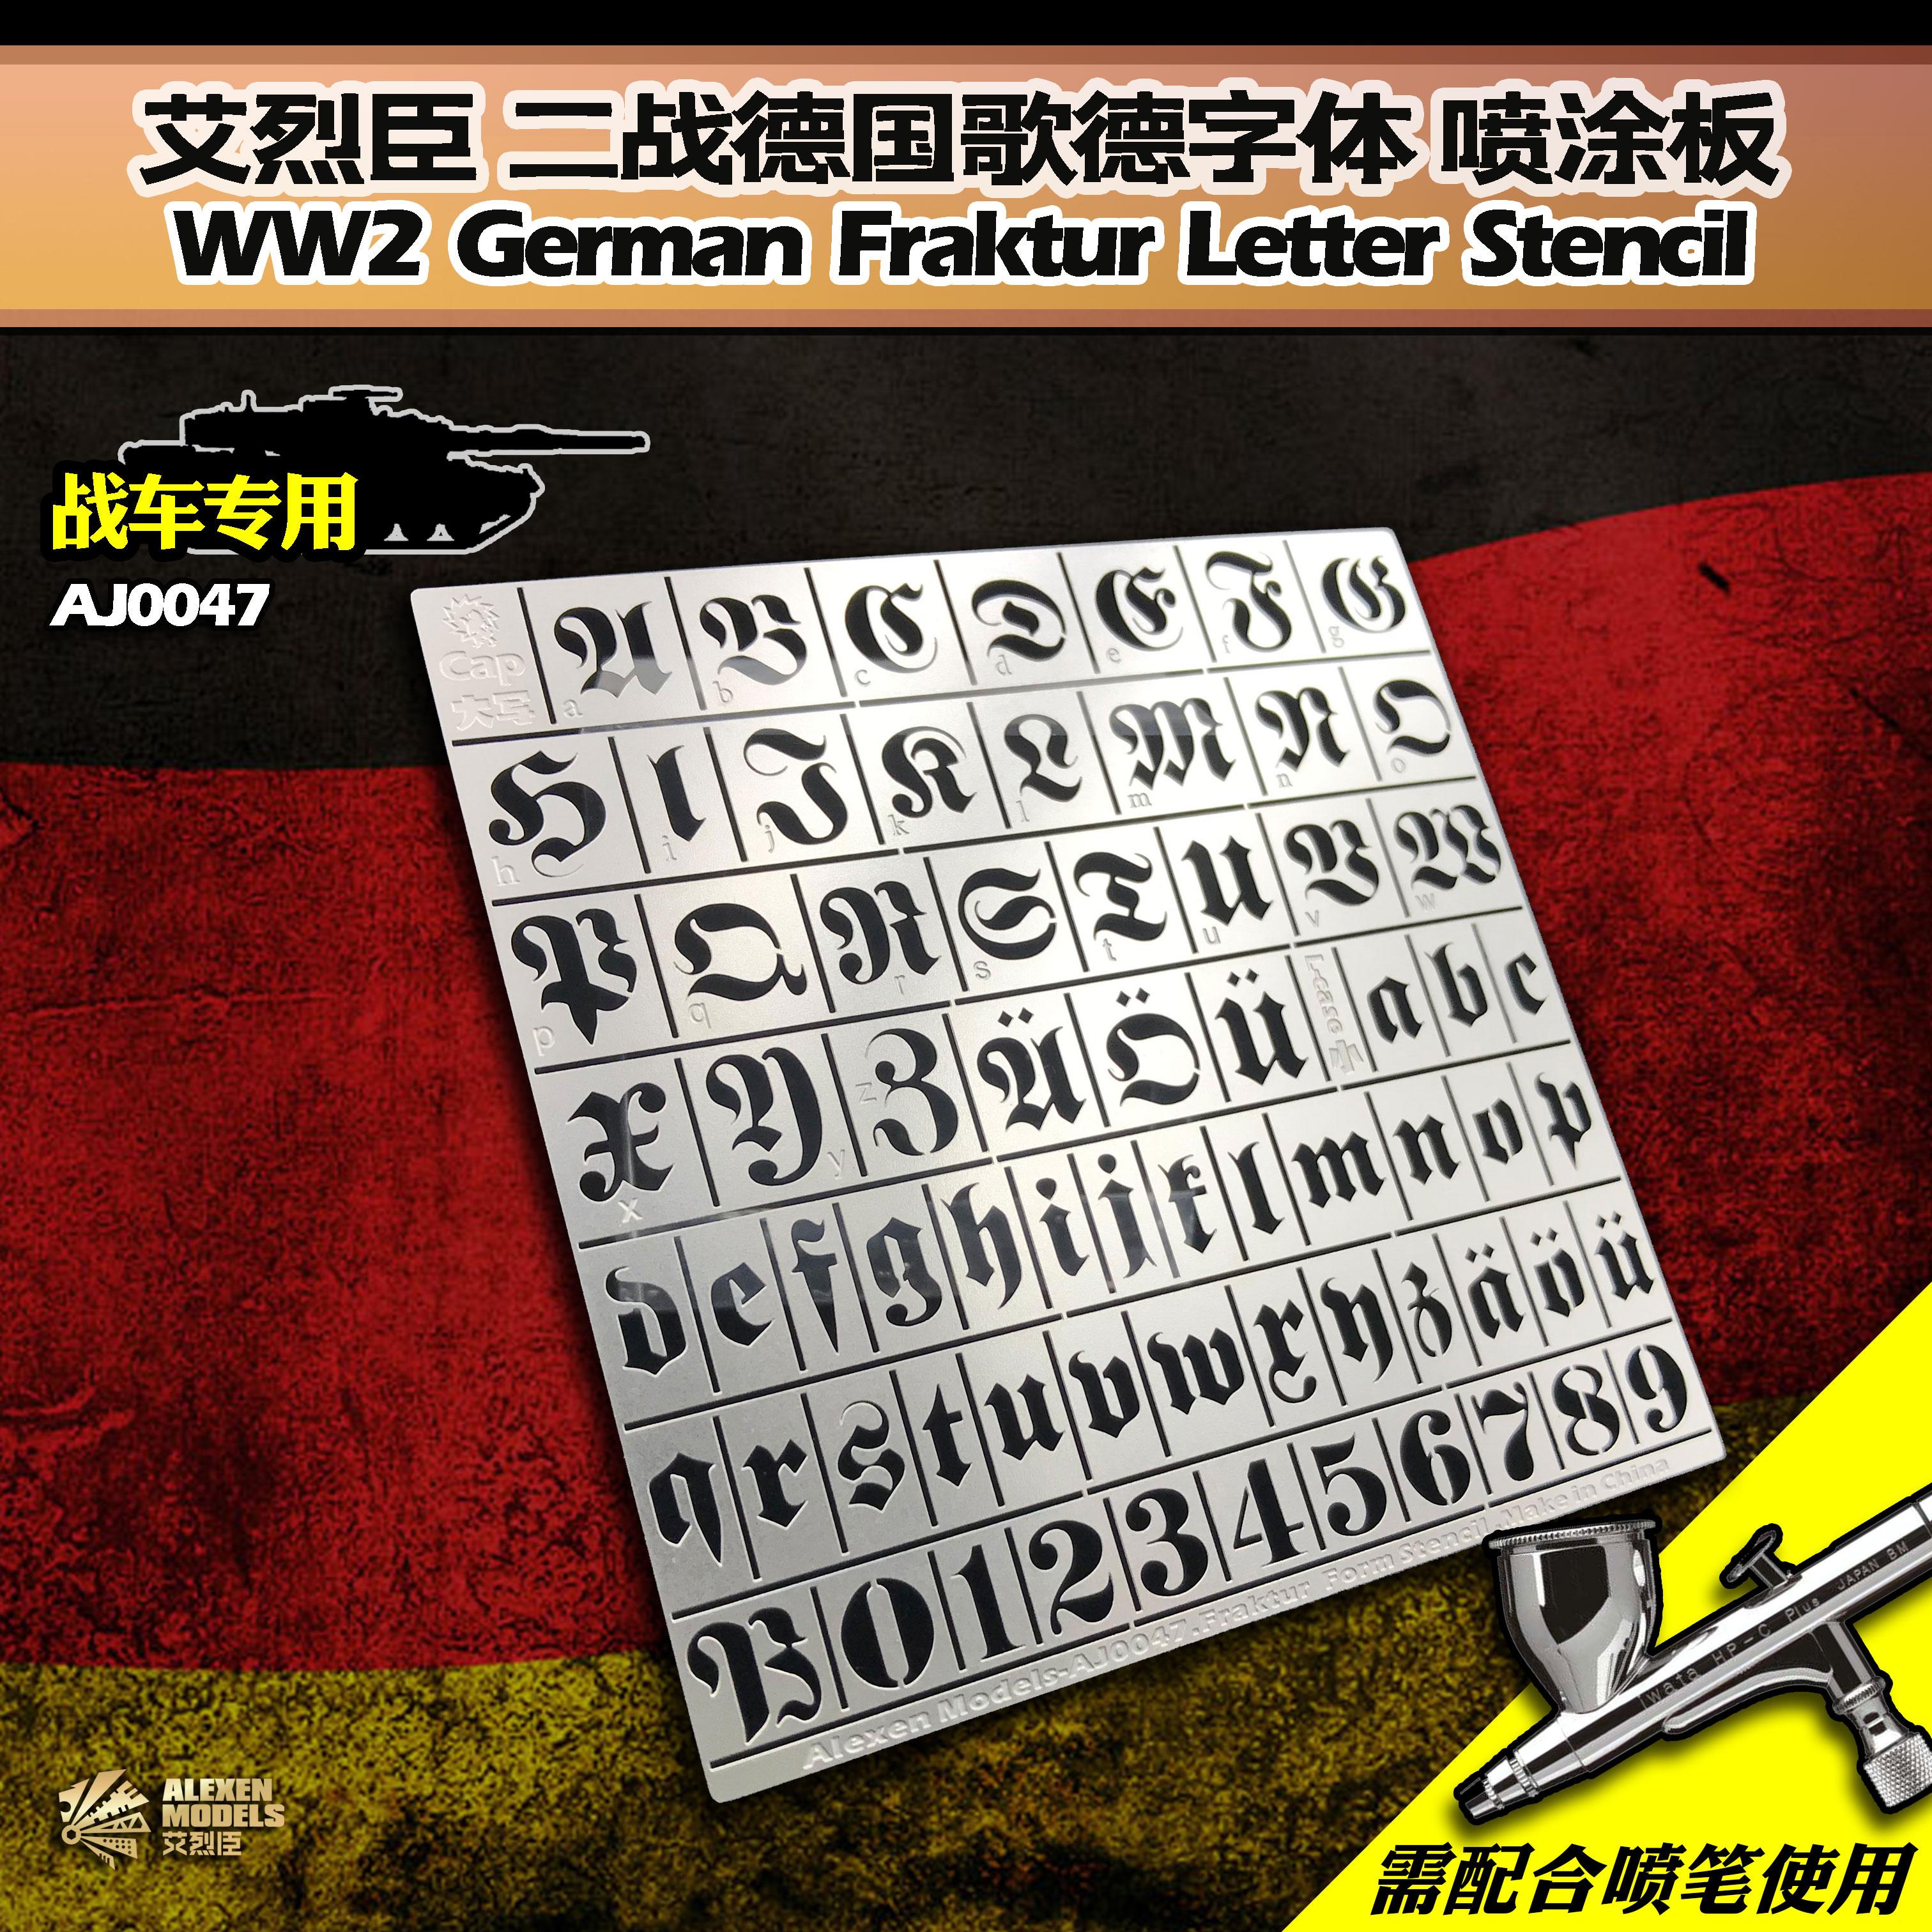 【艾烈臣】AJ0047 二战德国 歌德式字体 战车用 组合式喷涂板